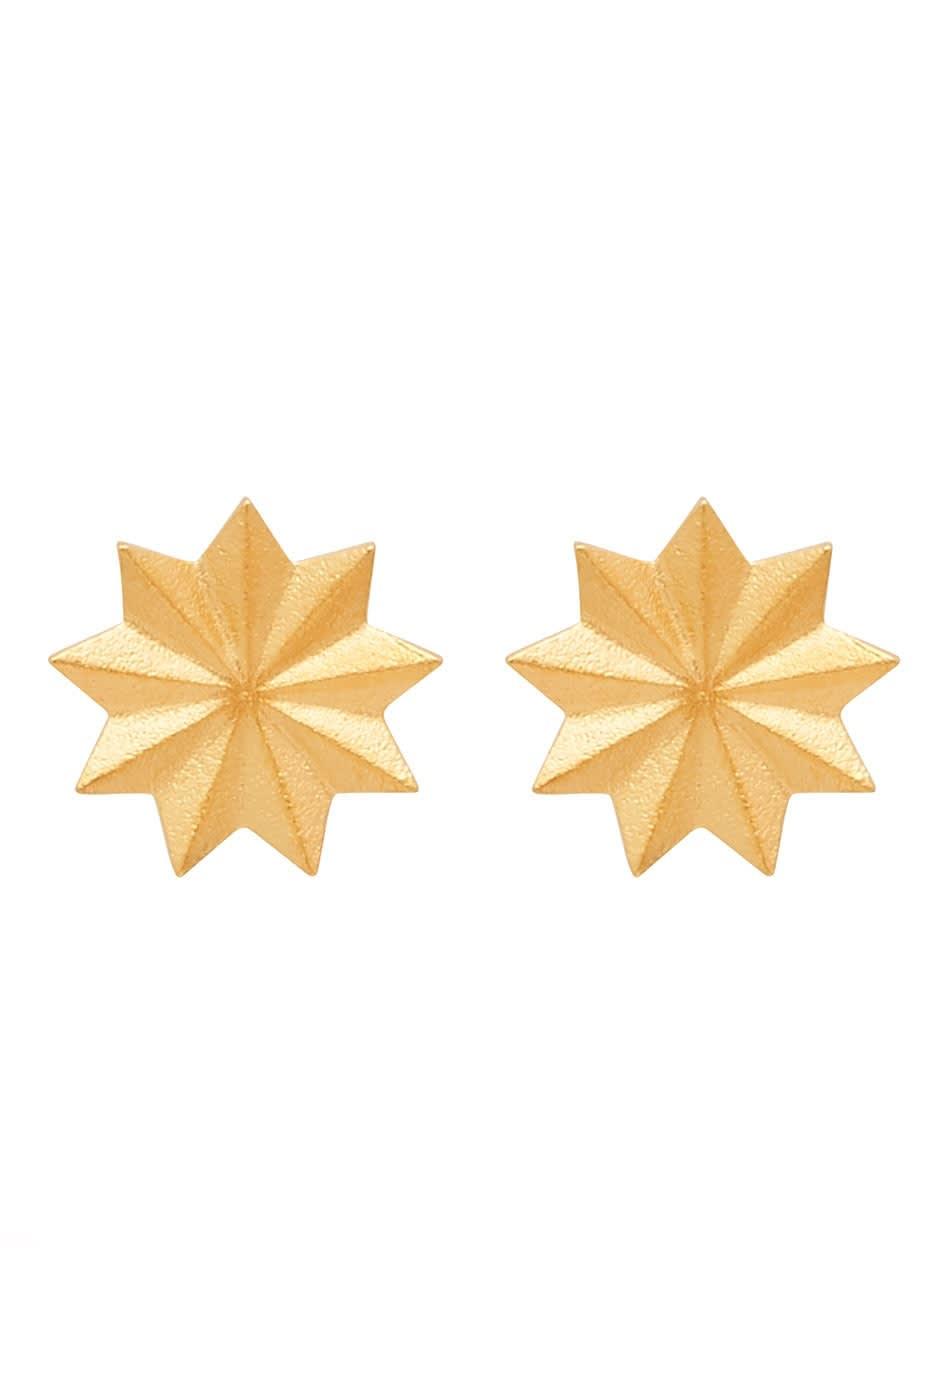 Louise Kragh Gold Bloom Earrings